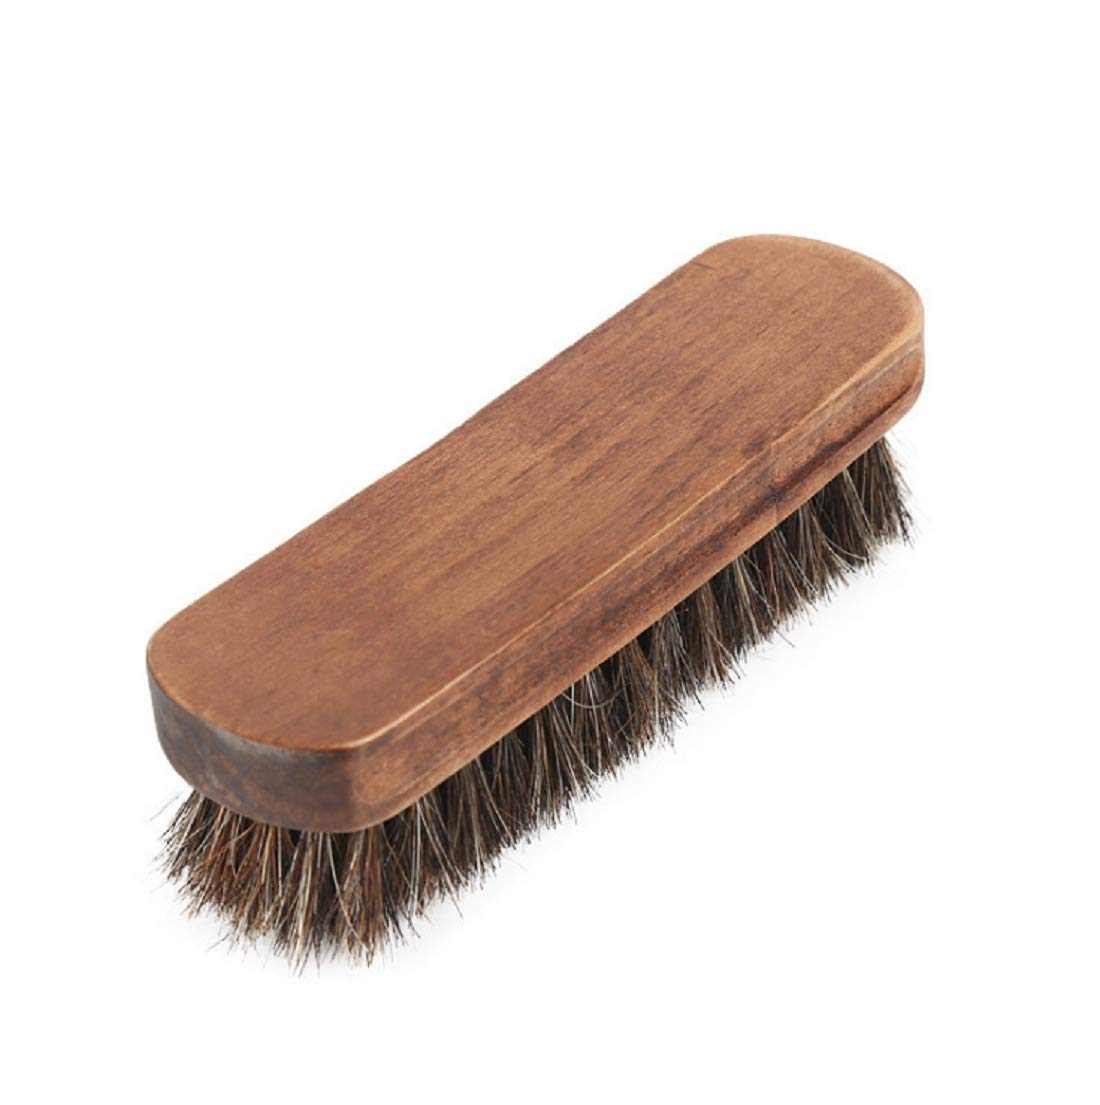 15.24 cm 鞋光泽刷,* 软马鬃和山毛榉木鞋抛光大型鞋清洁 - 适用于鞋、靴子和其他皮革护理